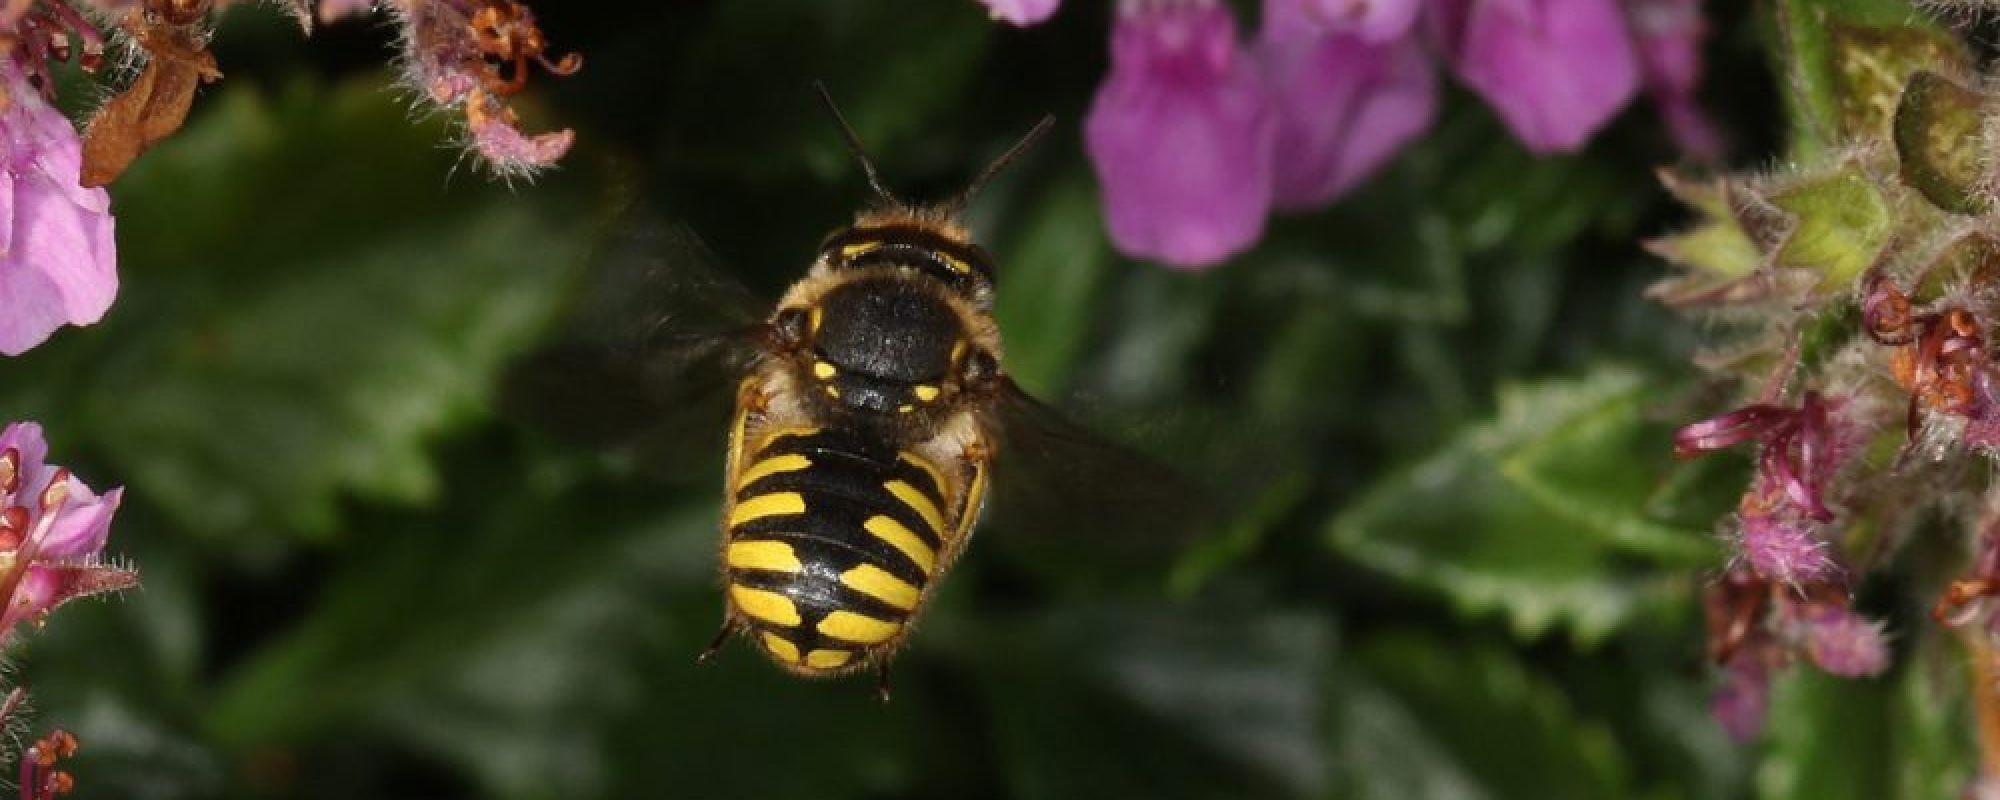 Wildbiene fliegt zwischen Blüten